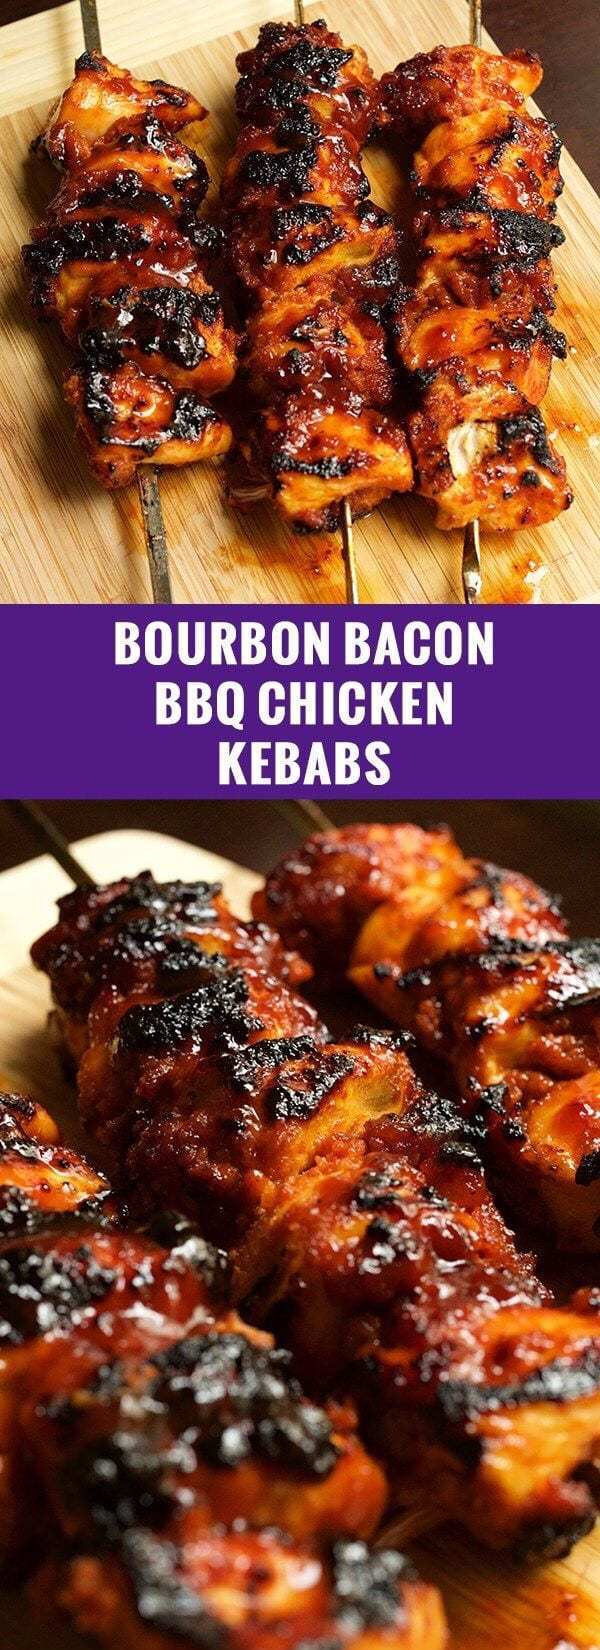 Bourbon Bacon BBQ Chicken Kabobs